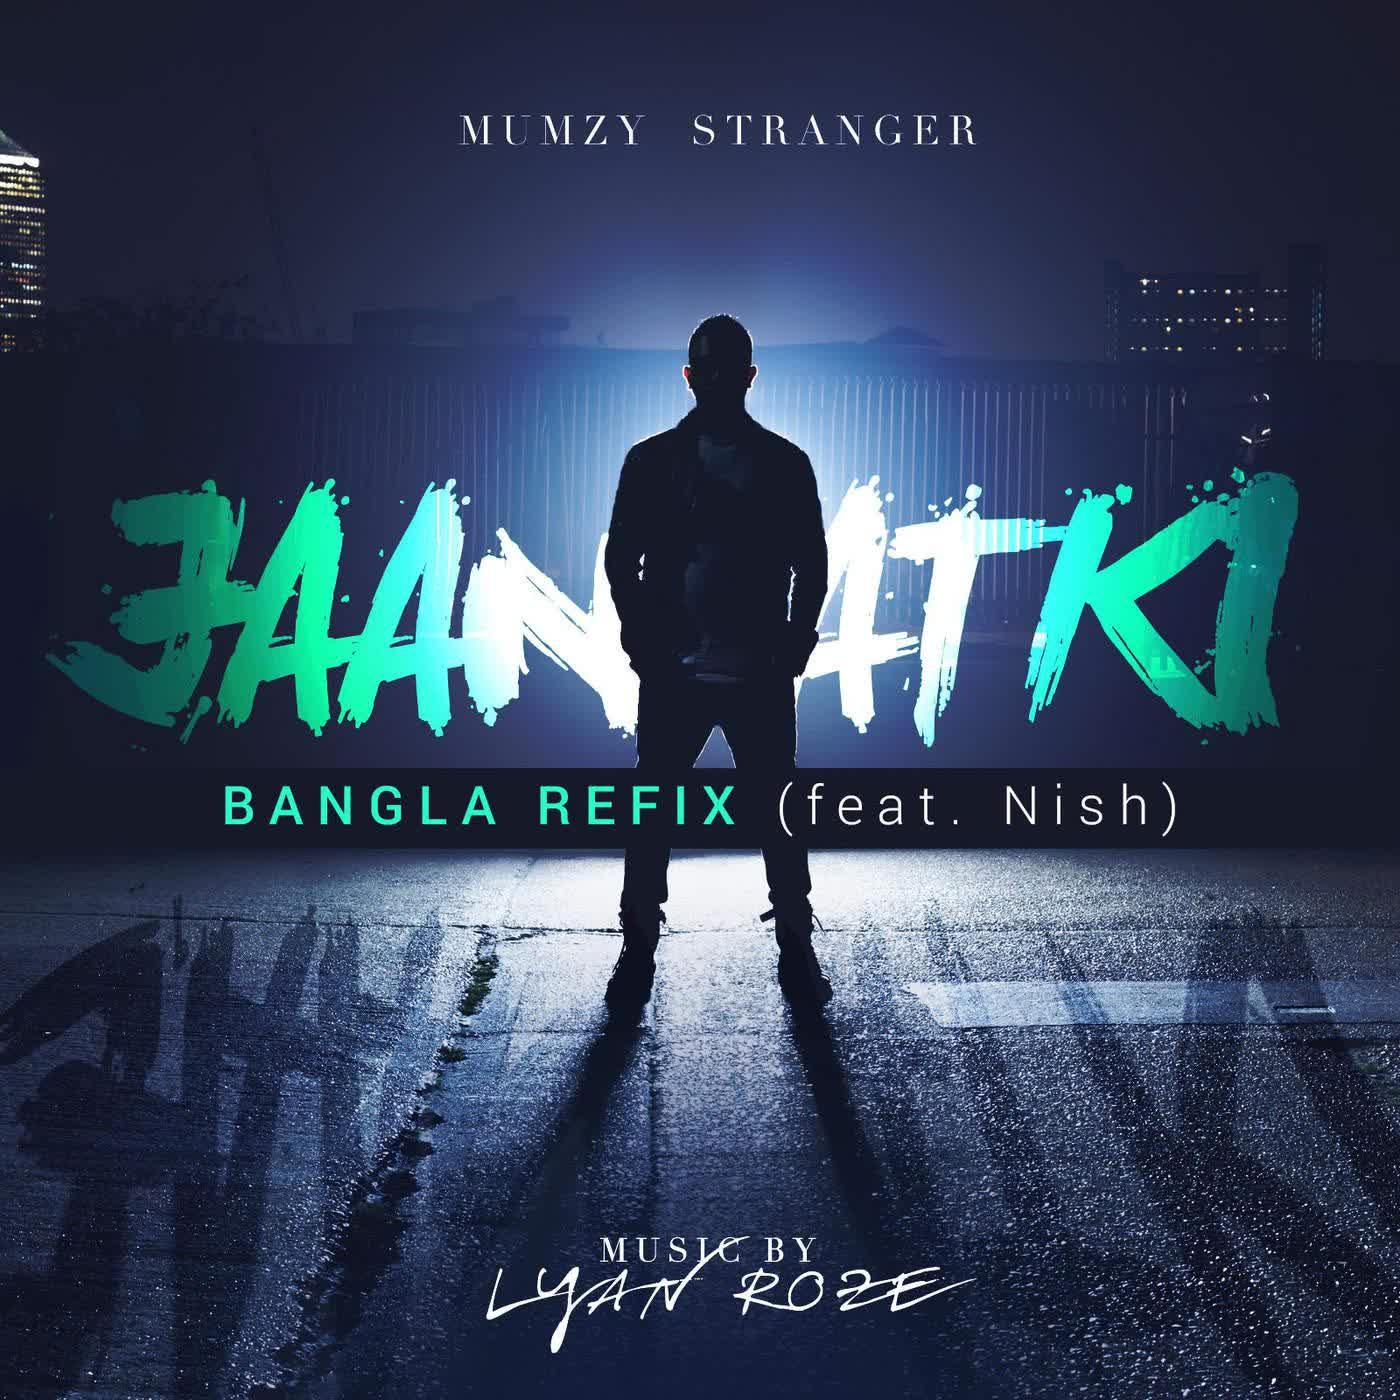 Jaan Atki (Bangla Refix) Mumzy Stranger Mp3 Song